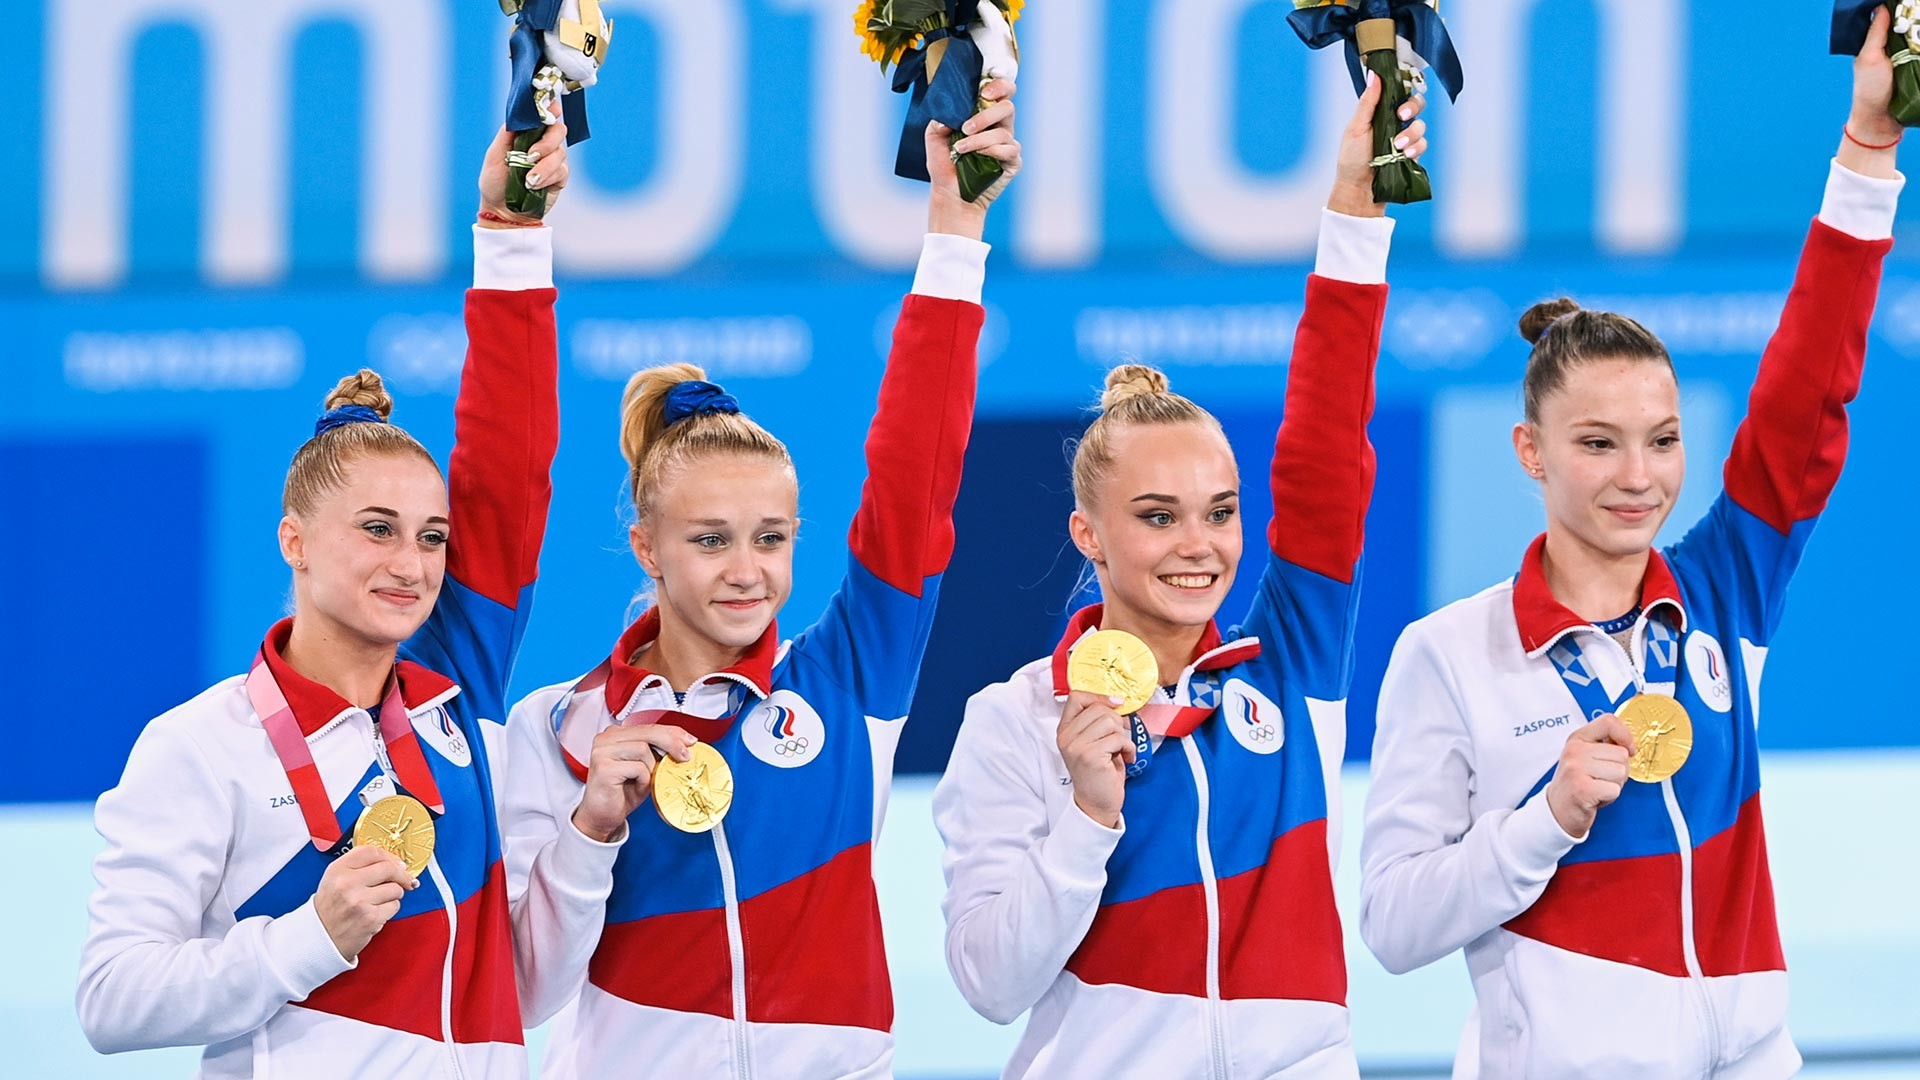 Sur la photo de gauche à droite: les médaillées d'or de la compétition finale par équipes féminines de gymnastique artistique aux Jeux olympiques de Tokyo 2020 Liliia Akhaimova, Viktoriia Listunova, Angelina Melnikova et Vladislava Urazova